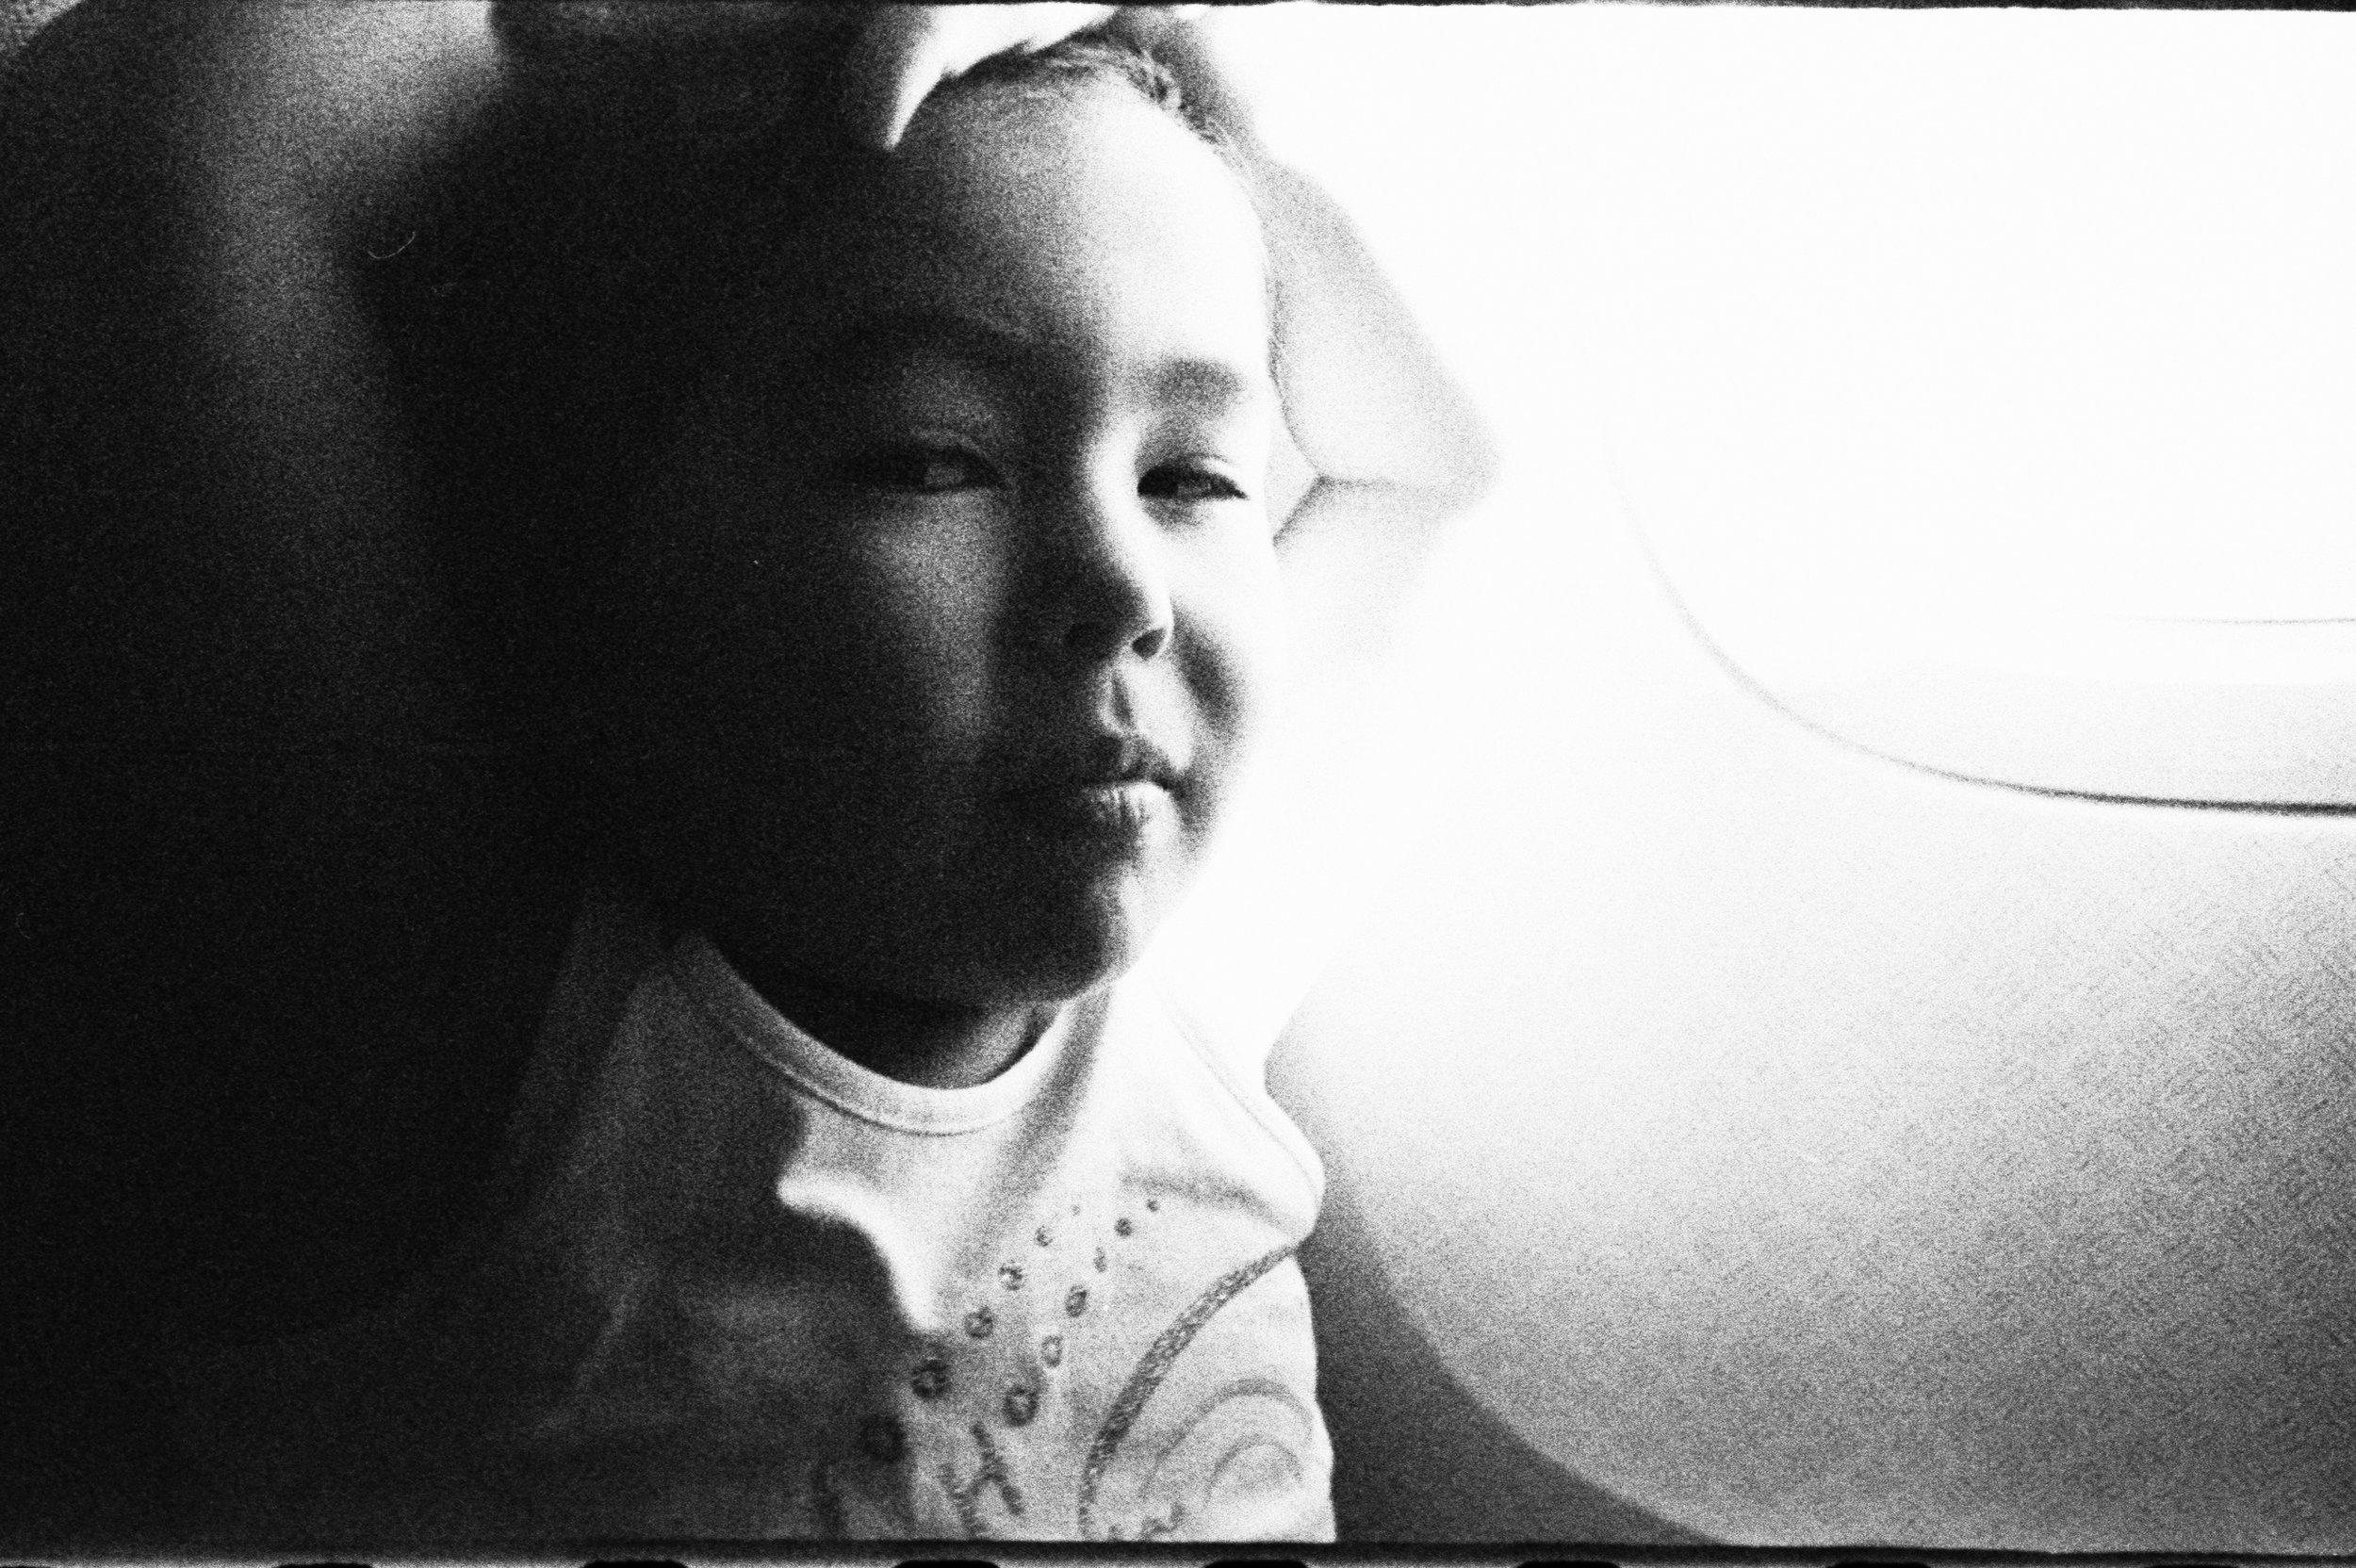 Ricoh GR1v; Expired Kodak UltraMax 400 (cross processed); D76 (stock, stand) @ 40c for 10 mins